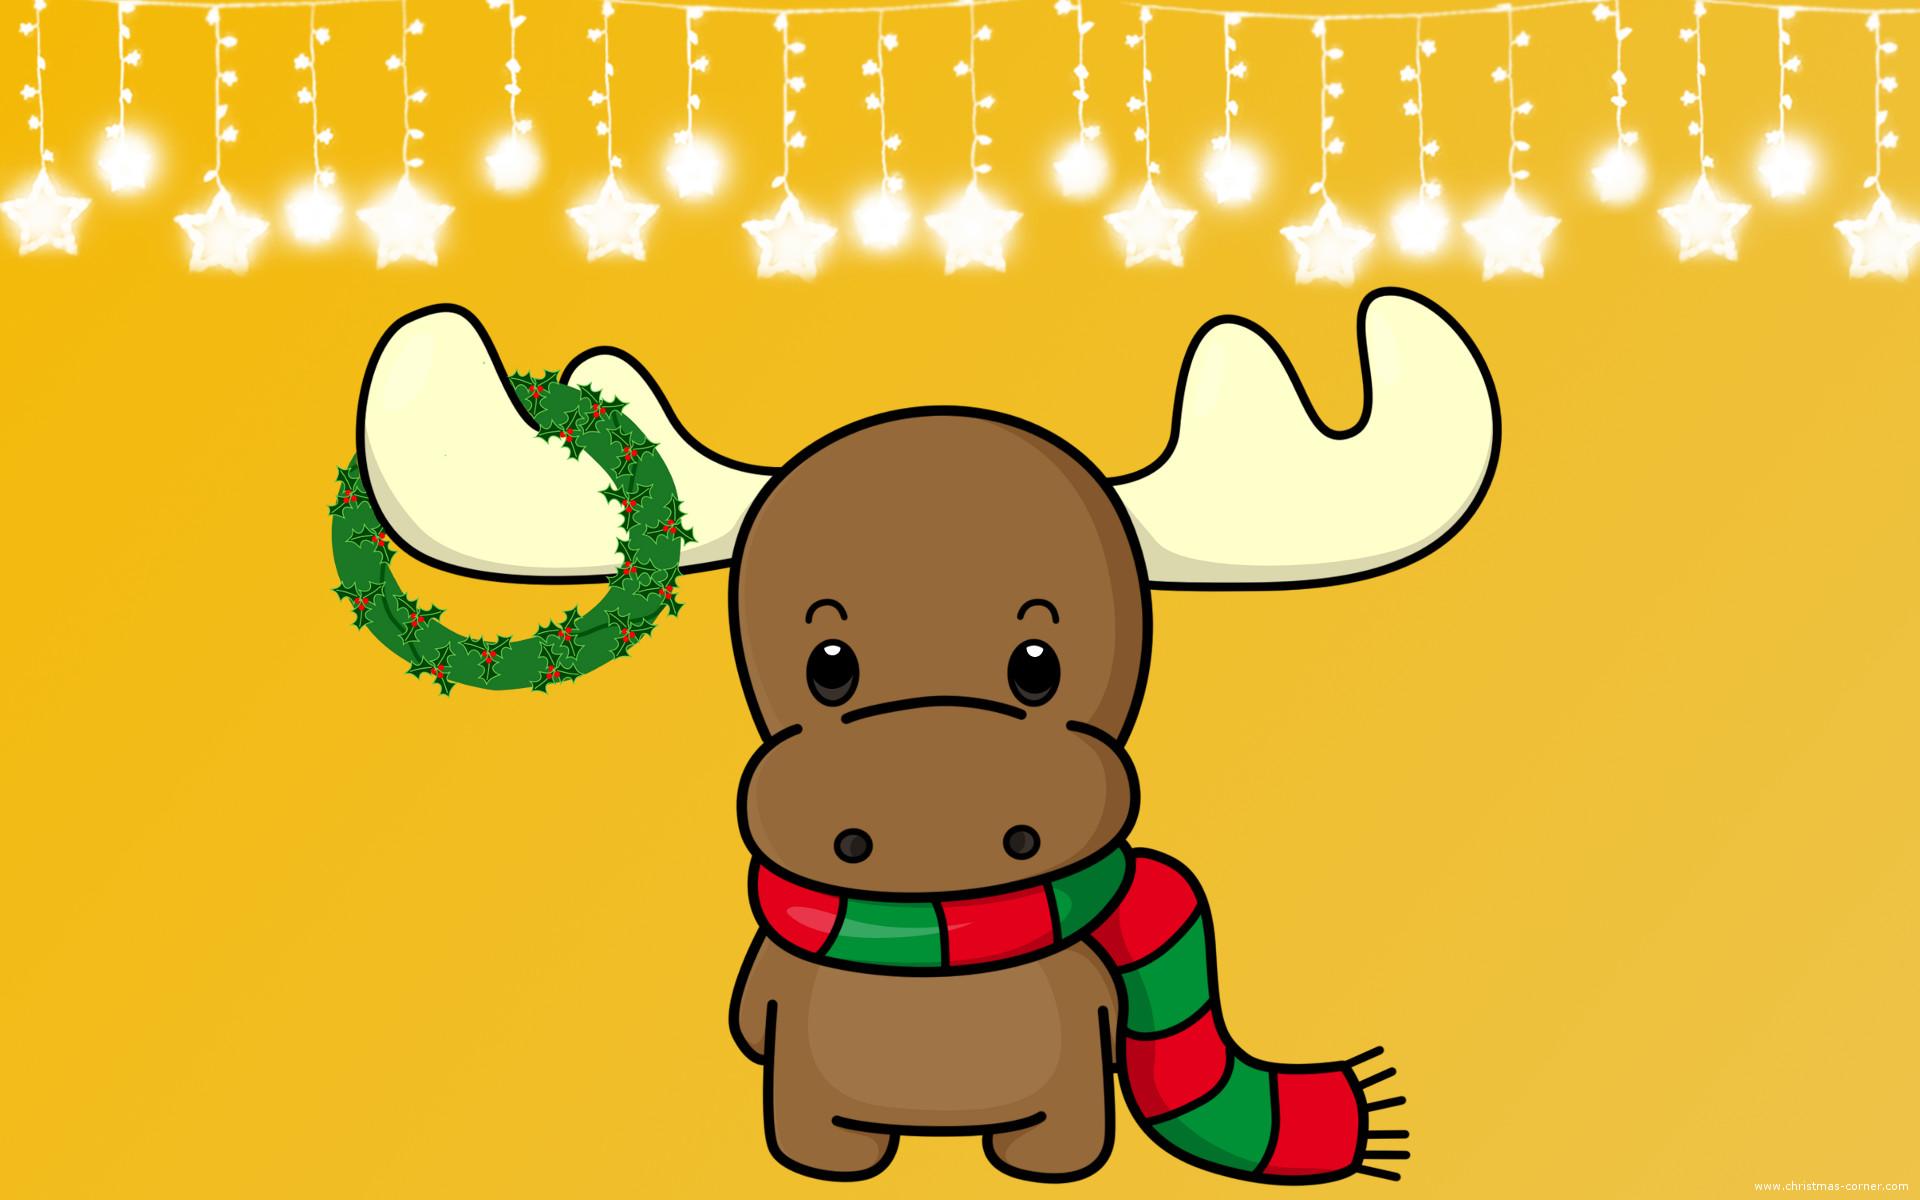 Festive Christmas Moose Wallpaper